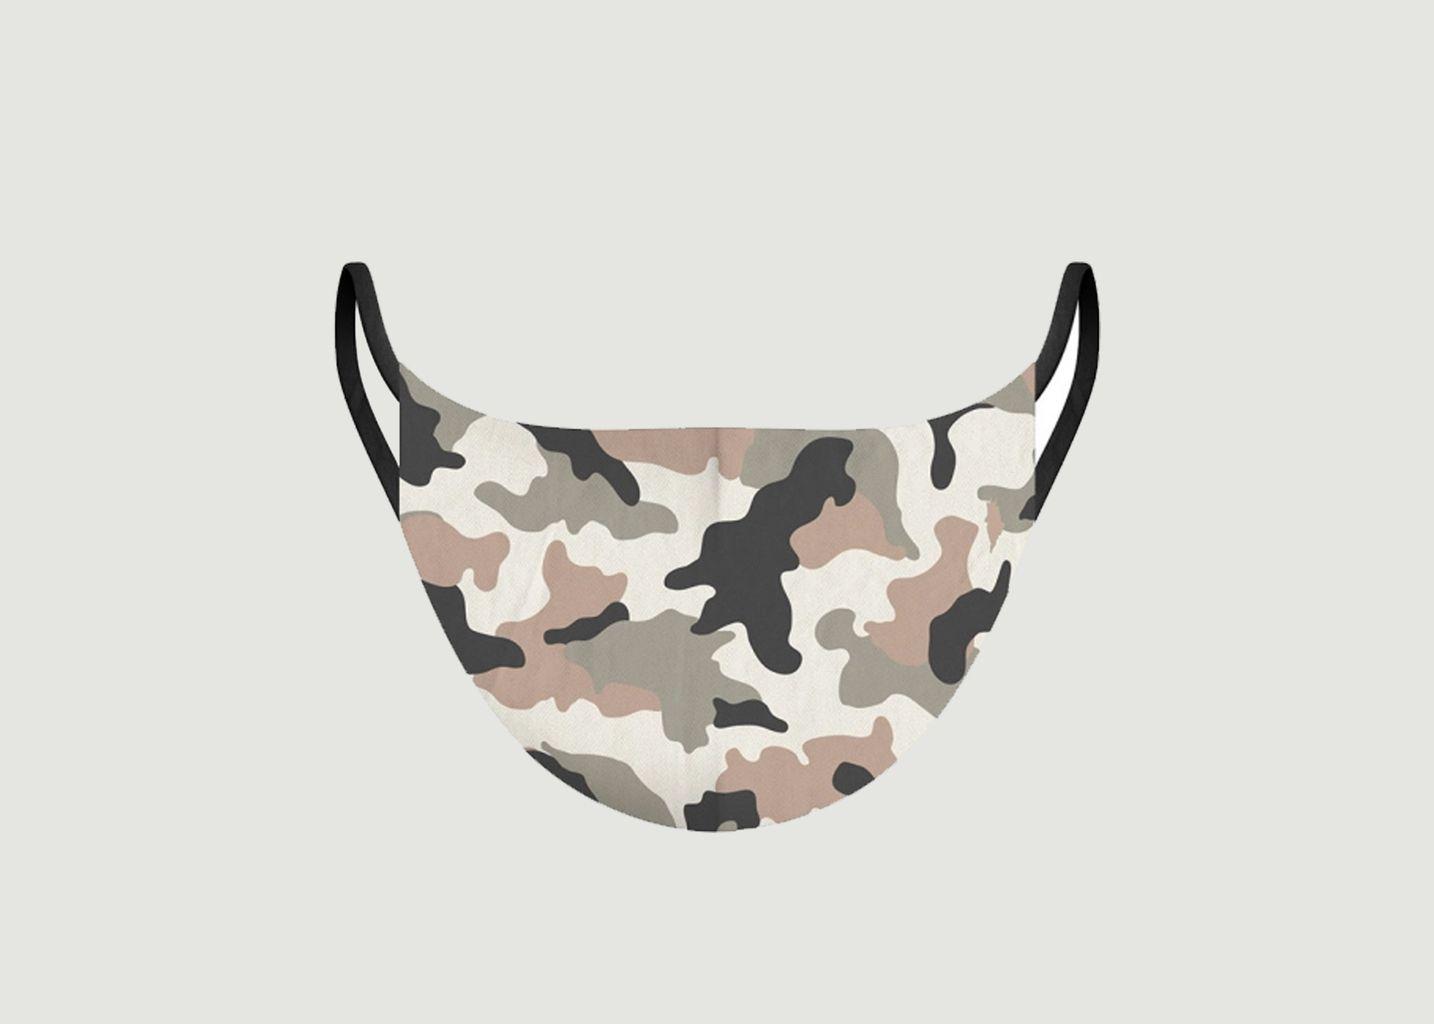 Masque en tissu motif camouflage - Pôdevache